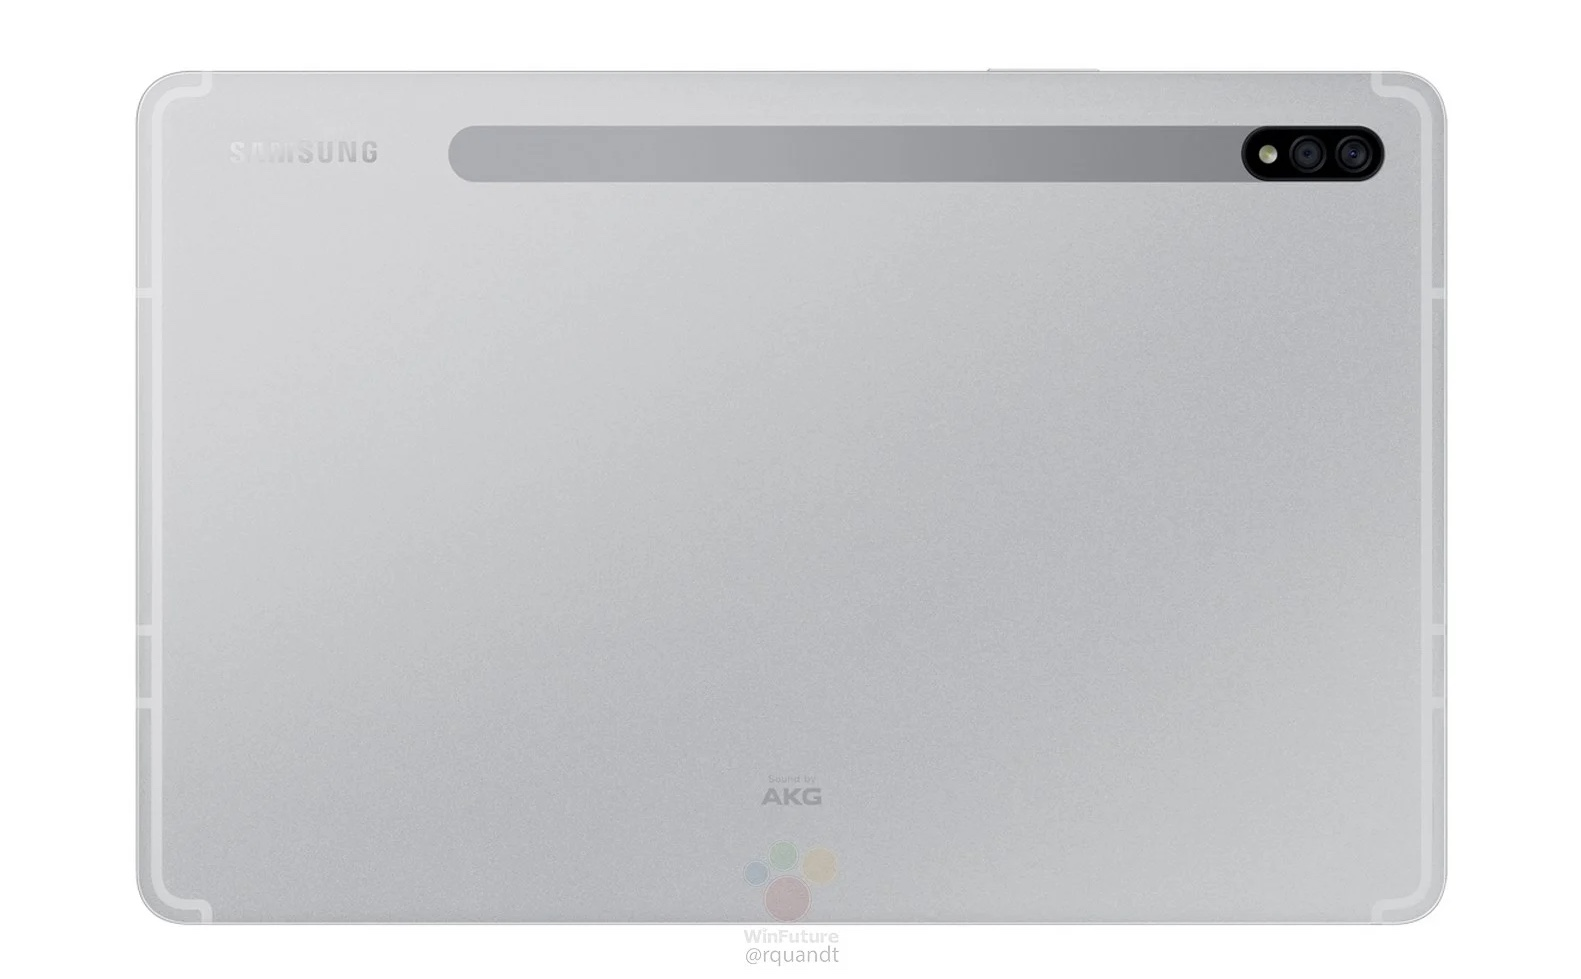 Samsung galaxy Tab S7 specyfikacja dane techniczne kiedy premiera plotki przecieki wycieki